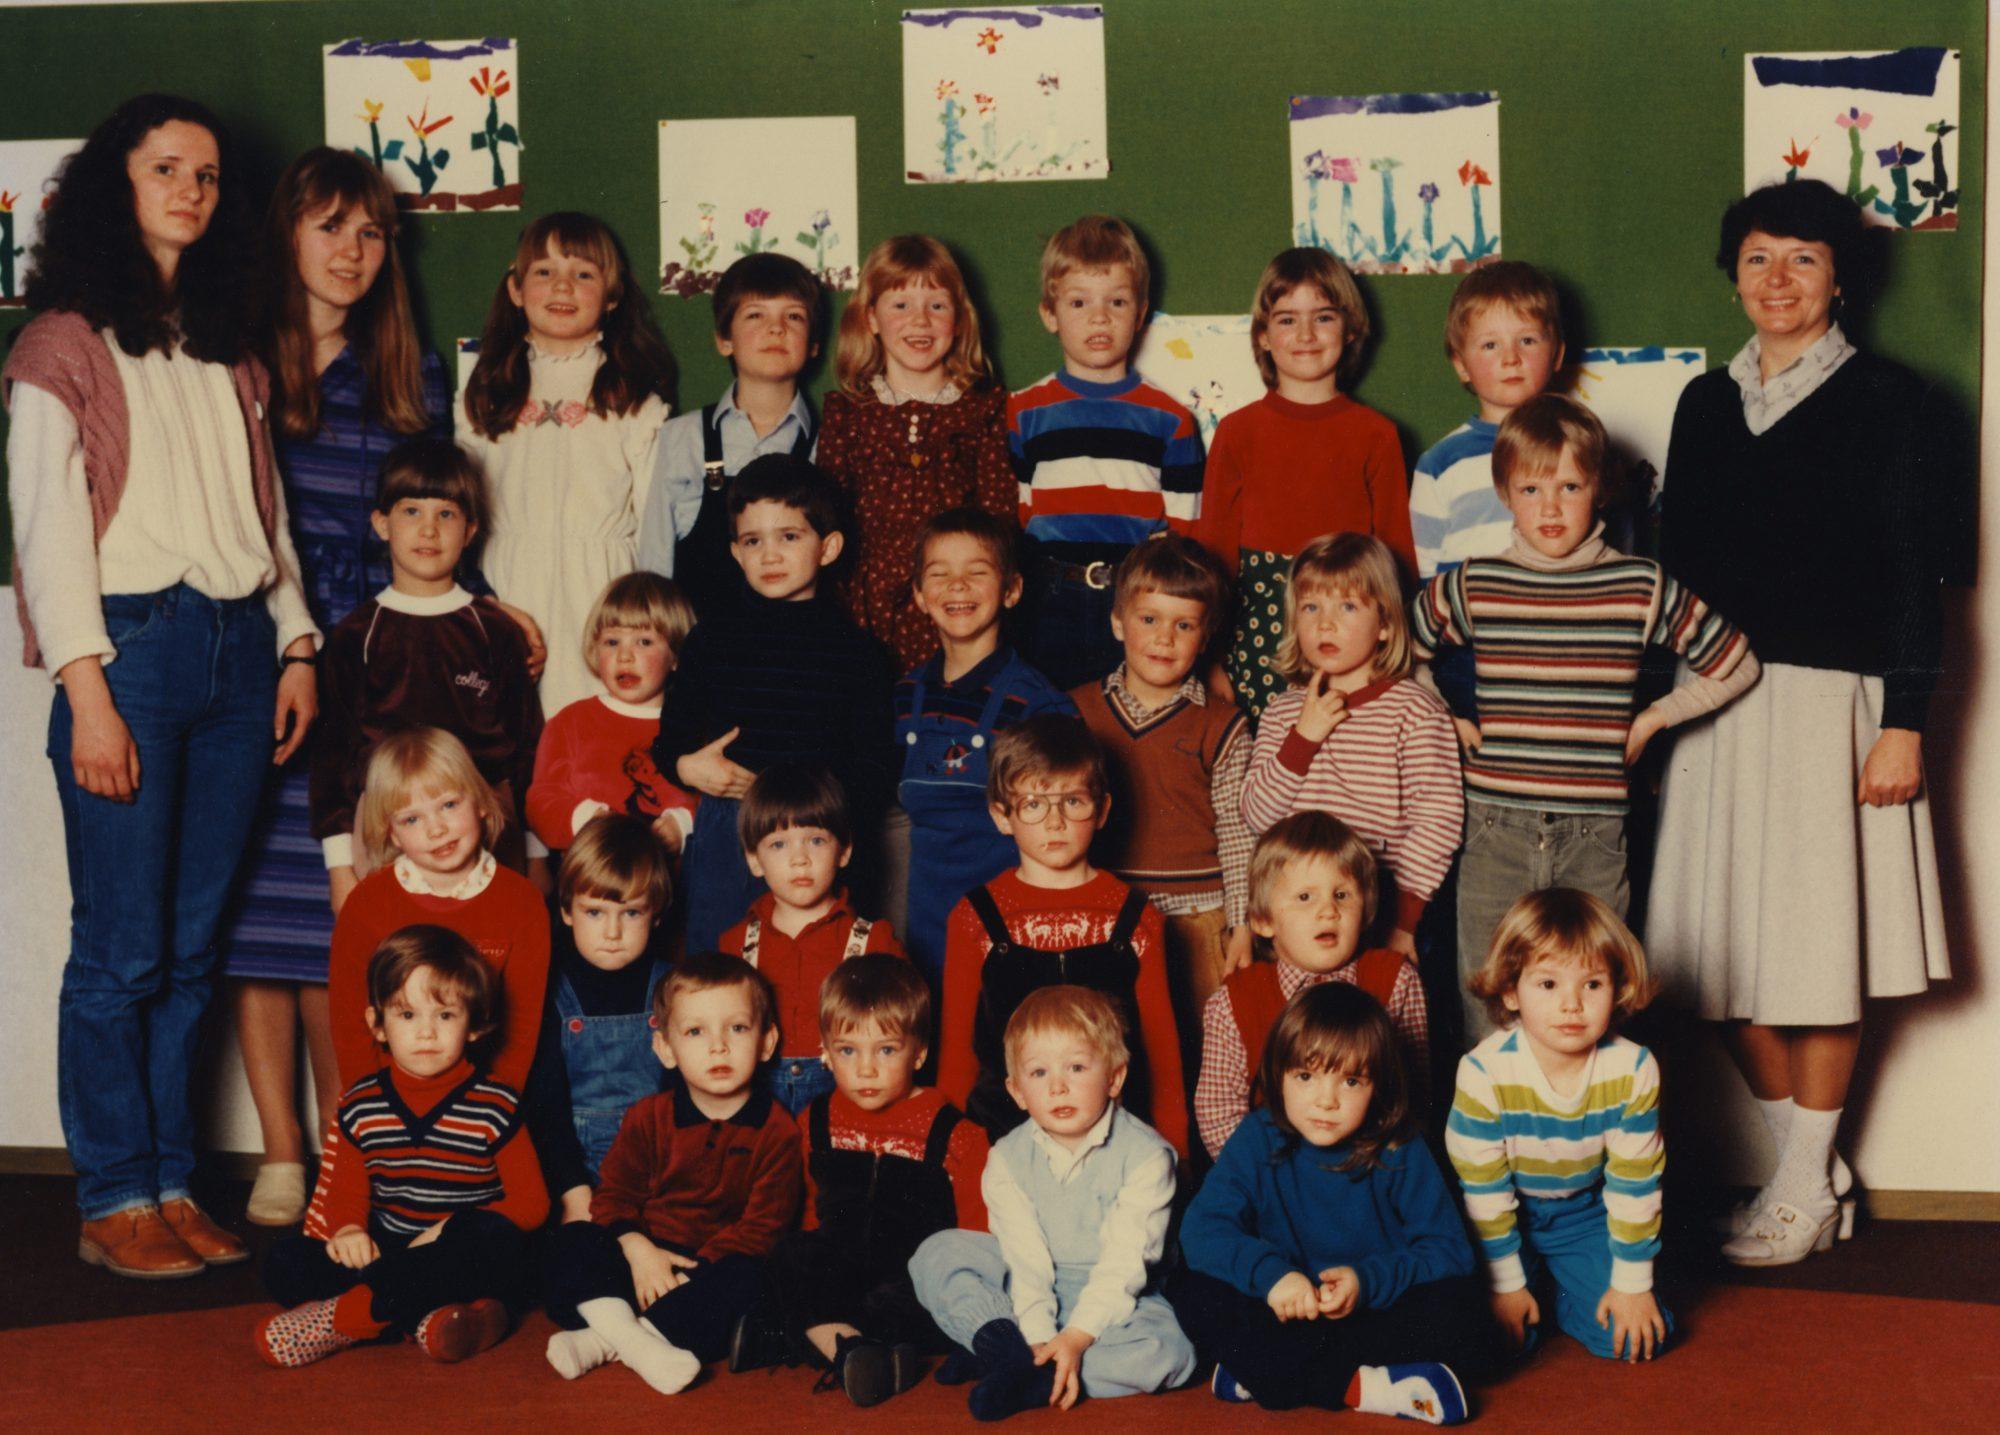 1984 - Kindergarten in Künzelsau. Diesen Blick kann ich auch nicht ganz deuten... Eine Idee?